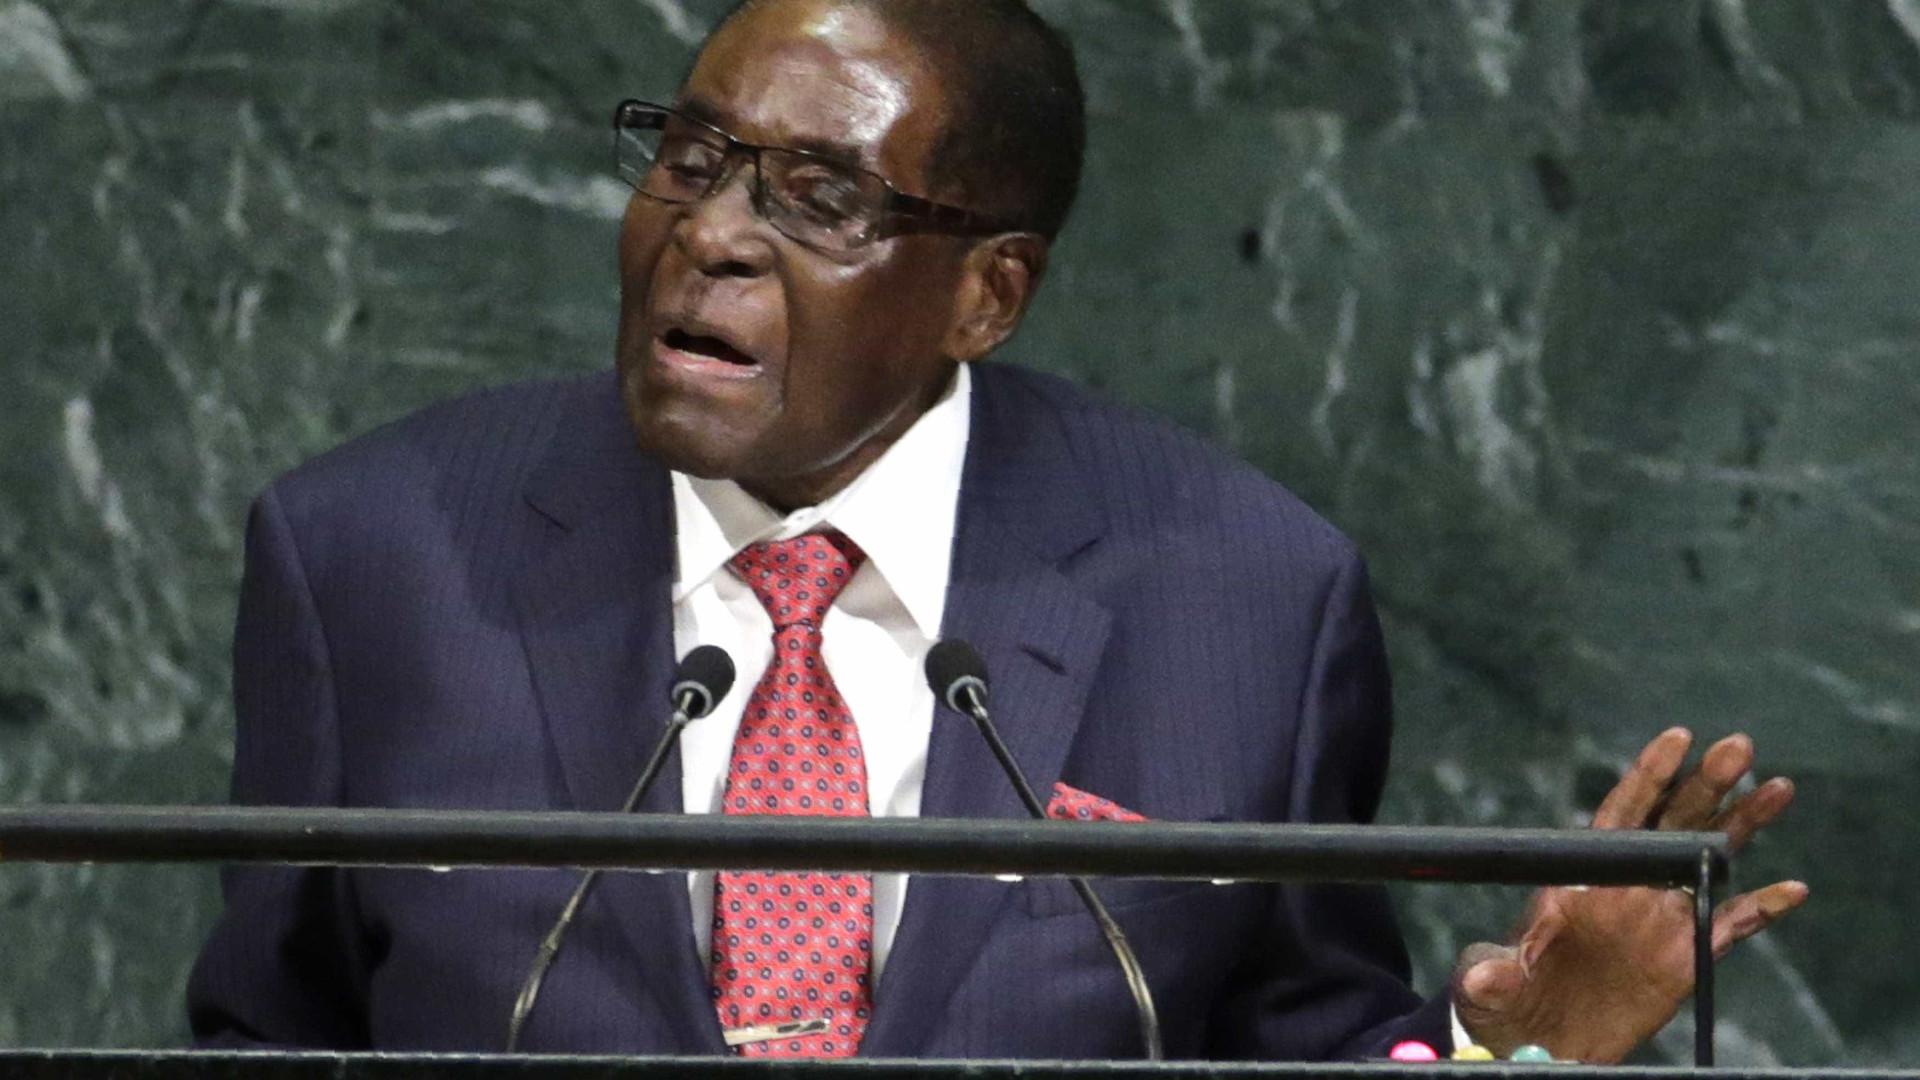 África do Sul contra qualquer alteração inconstitucional de regime